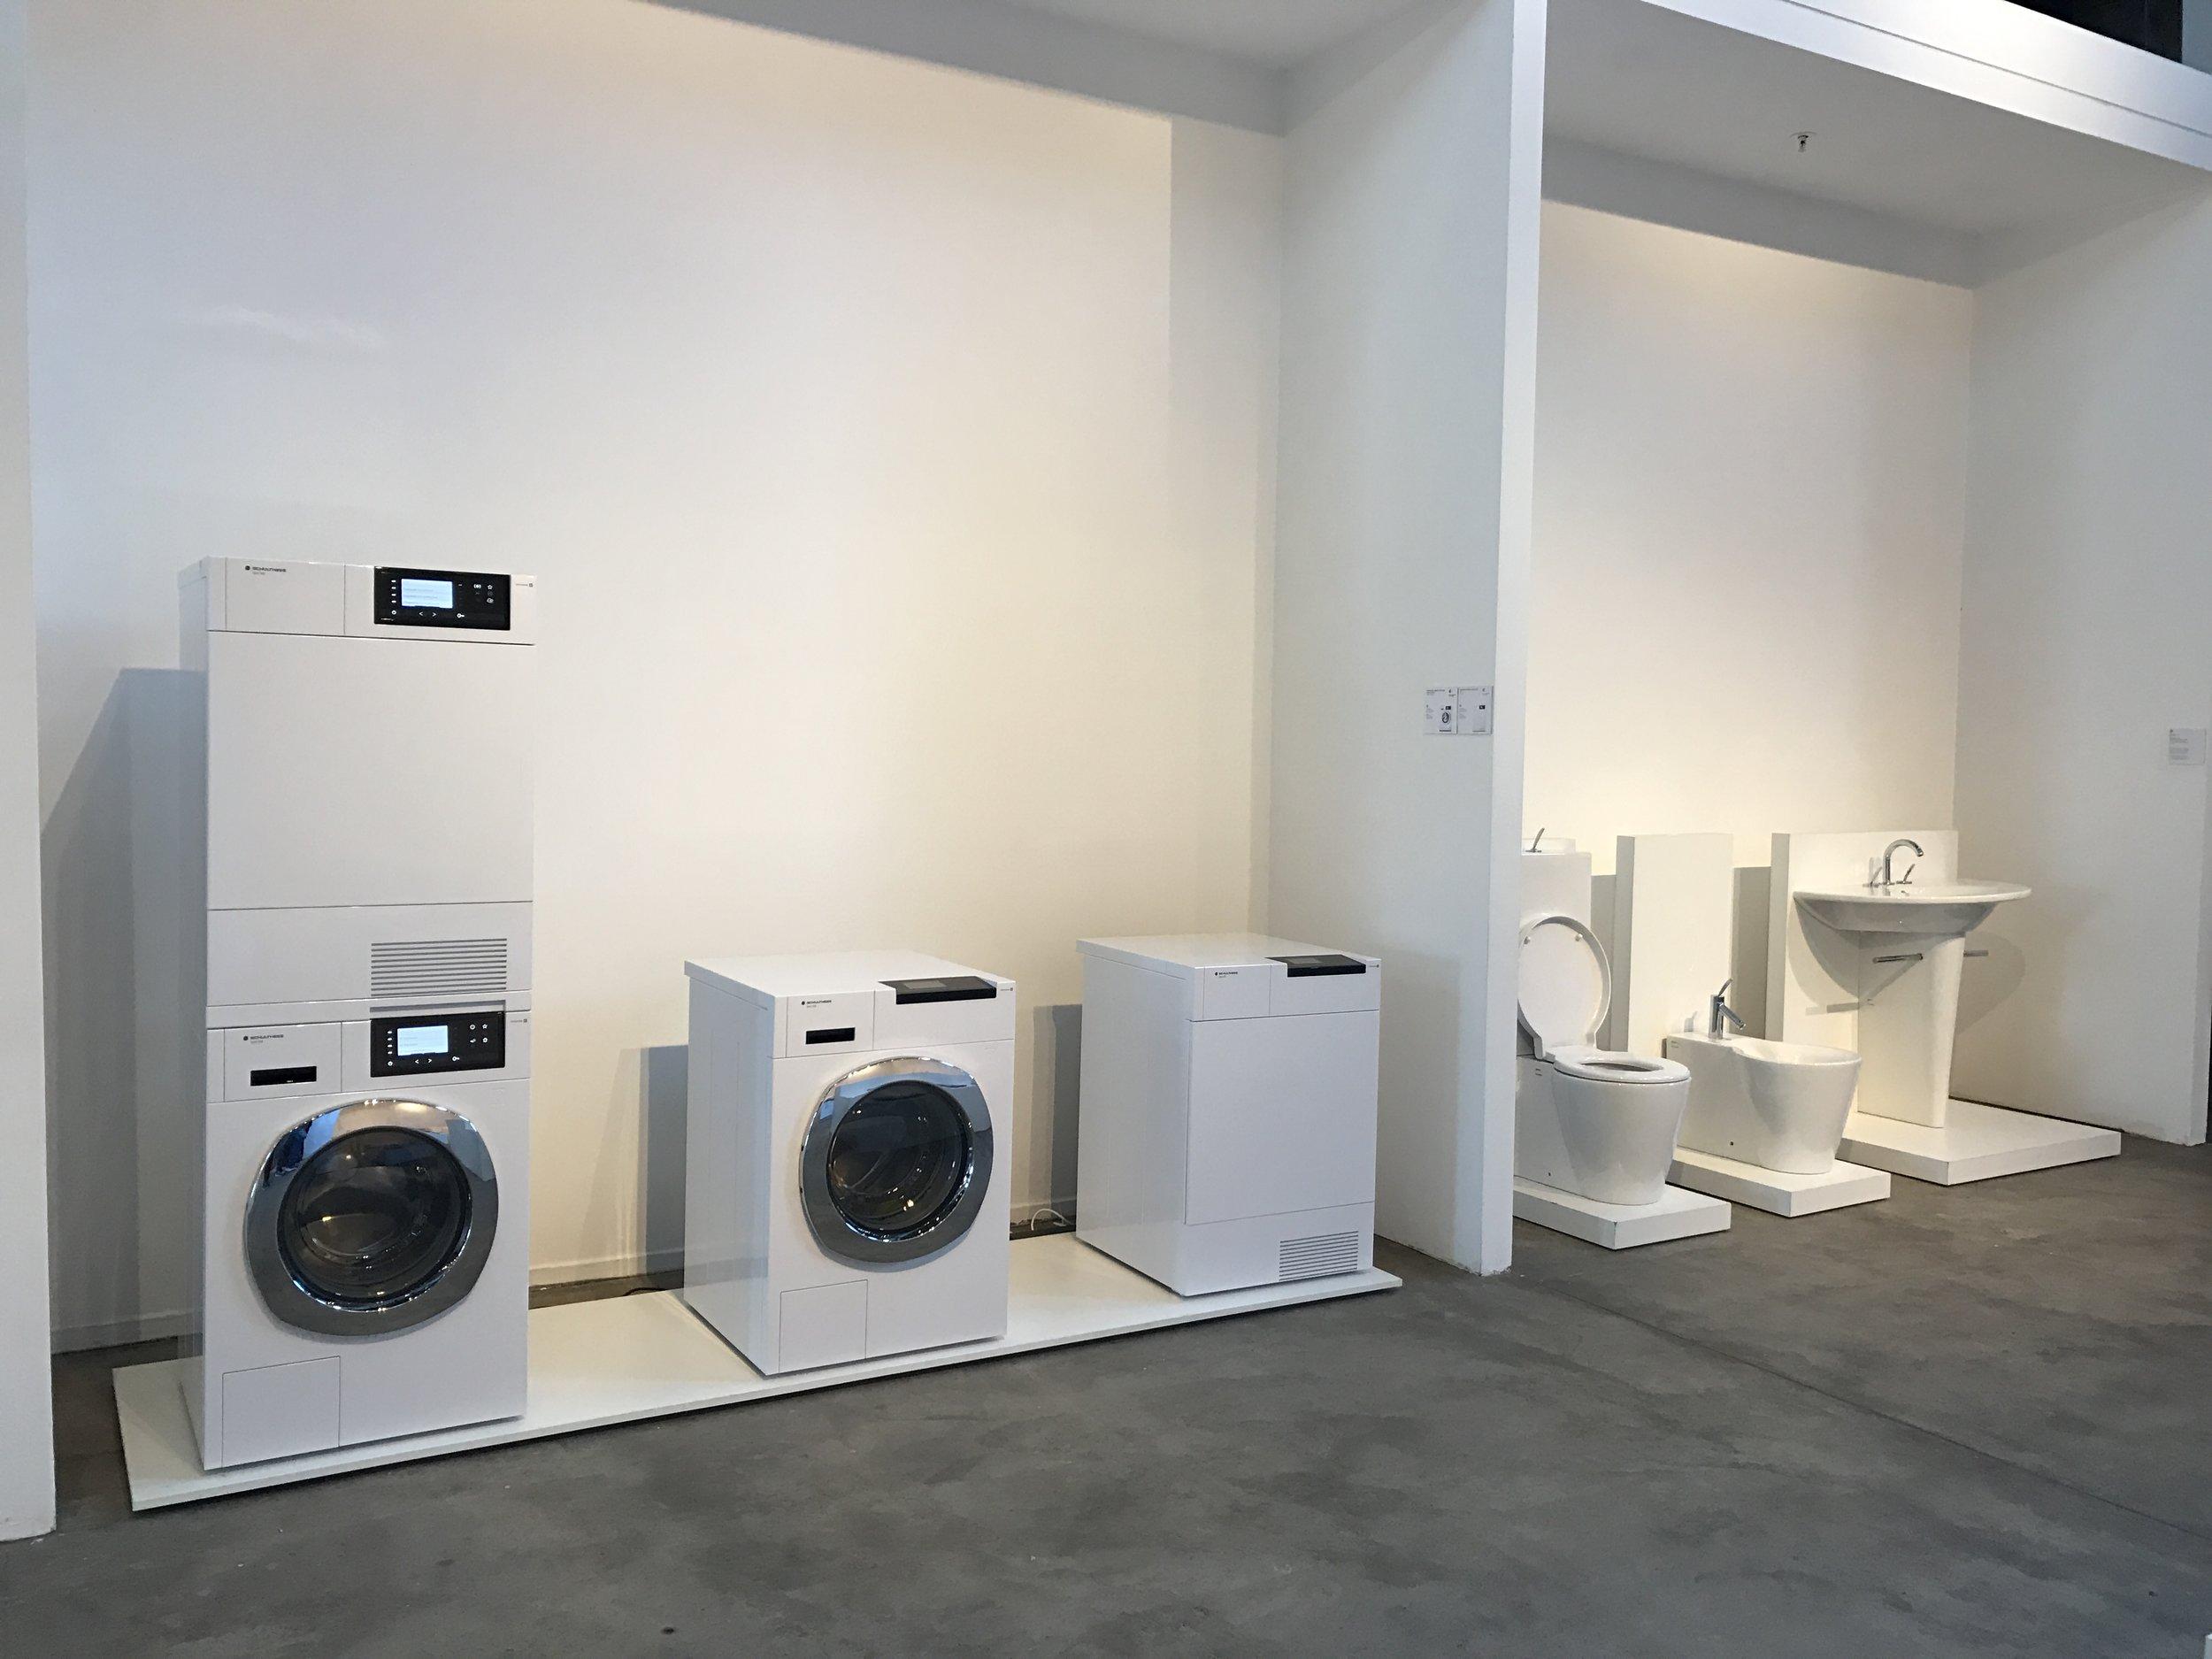 Reddot design museum, Essen. Zollverein, De Museumpodcast